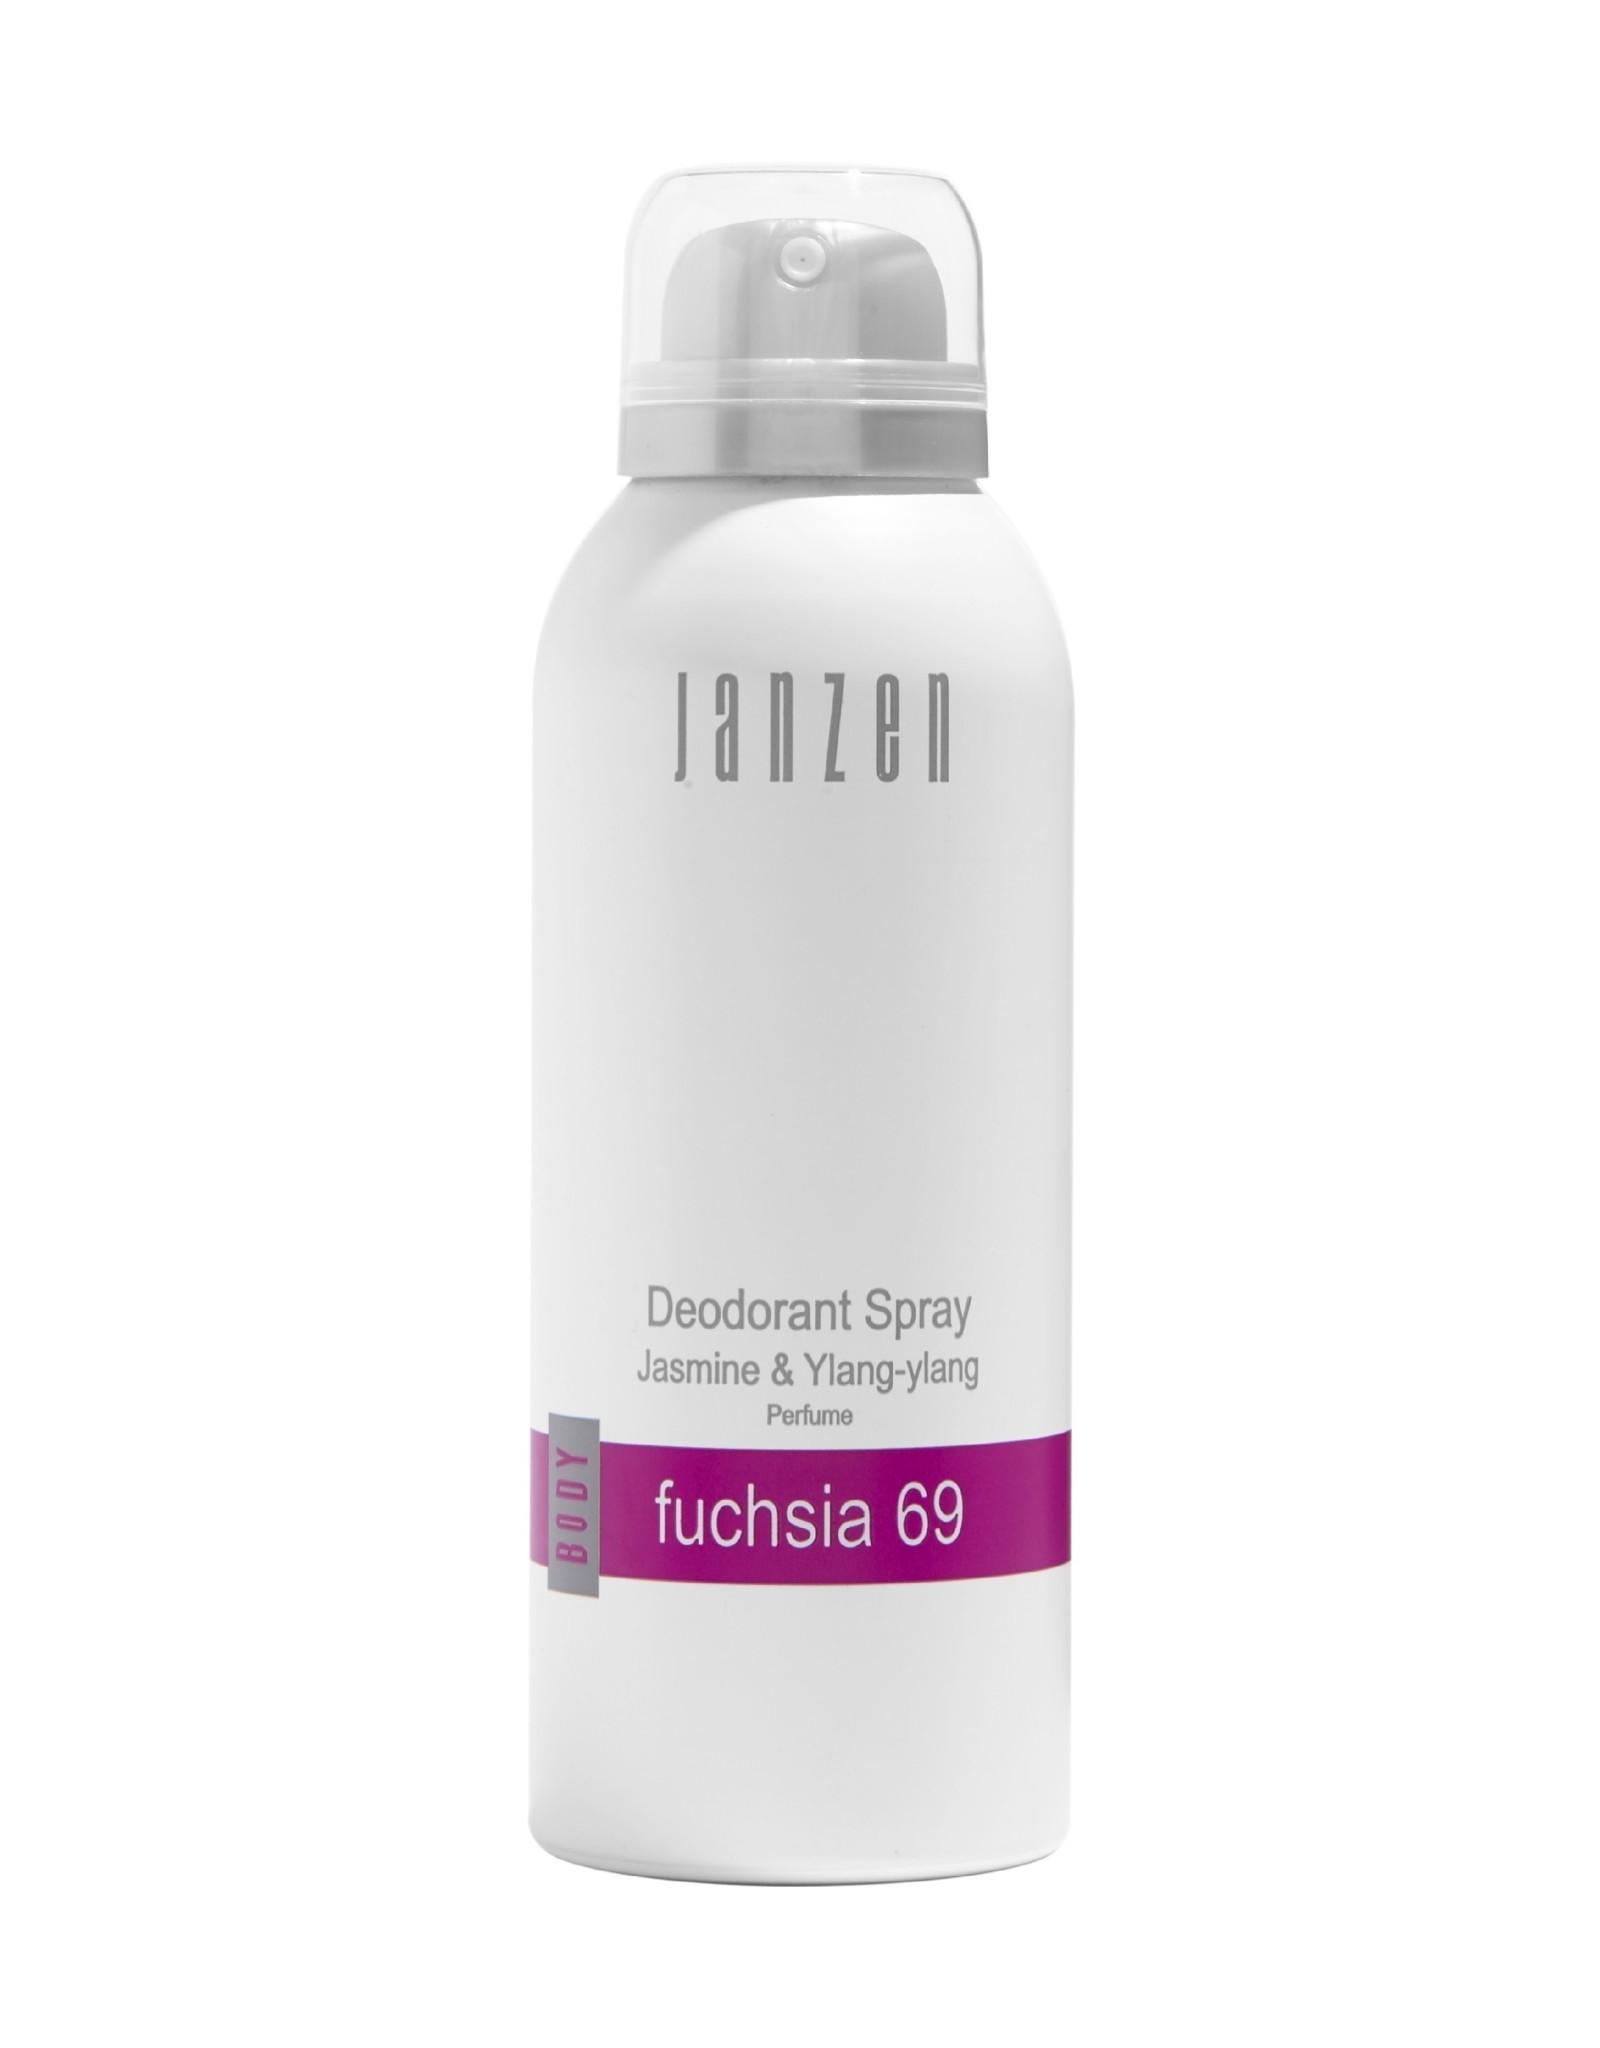 JANZEN Deodorant Spray Fuchsia 69 150ml - JANZEN